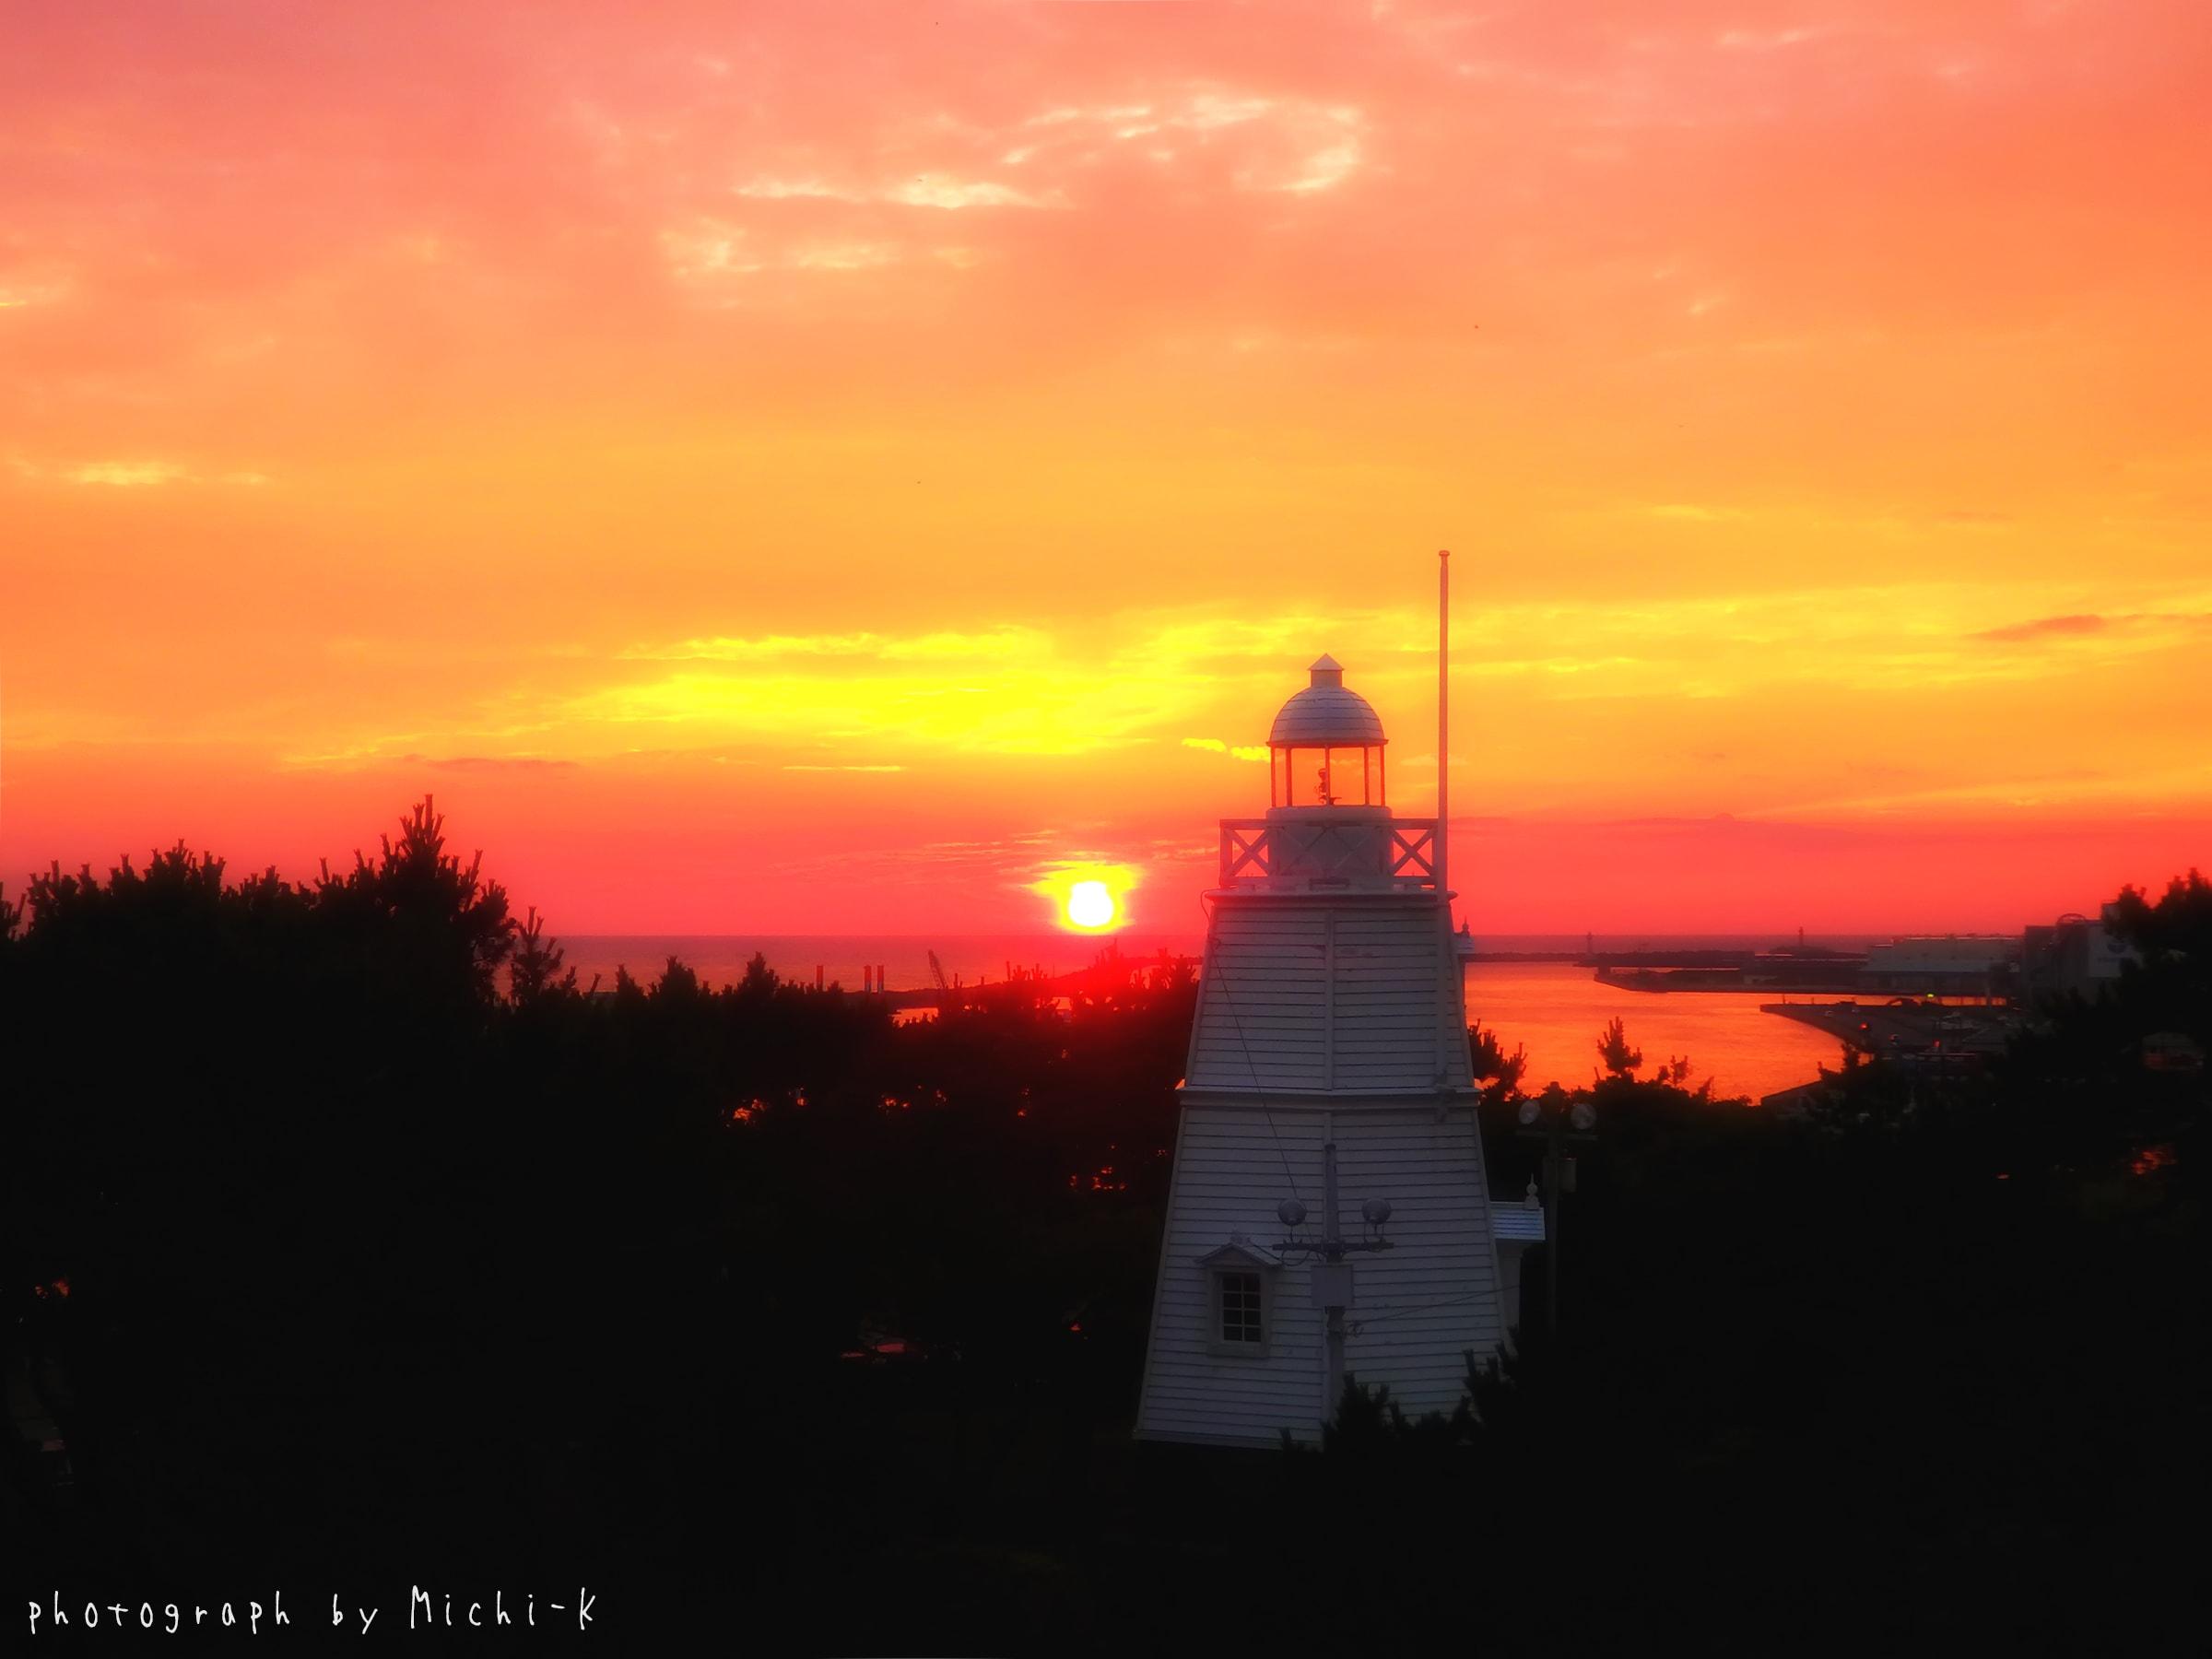 酒田市、日和山公園展望台から見えた六角灯台と夕焼け1